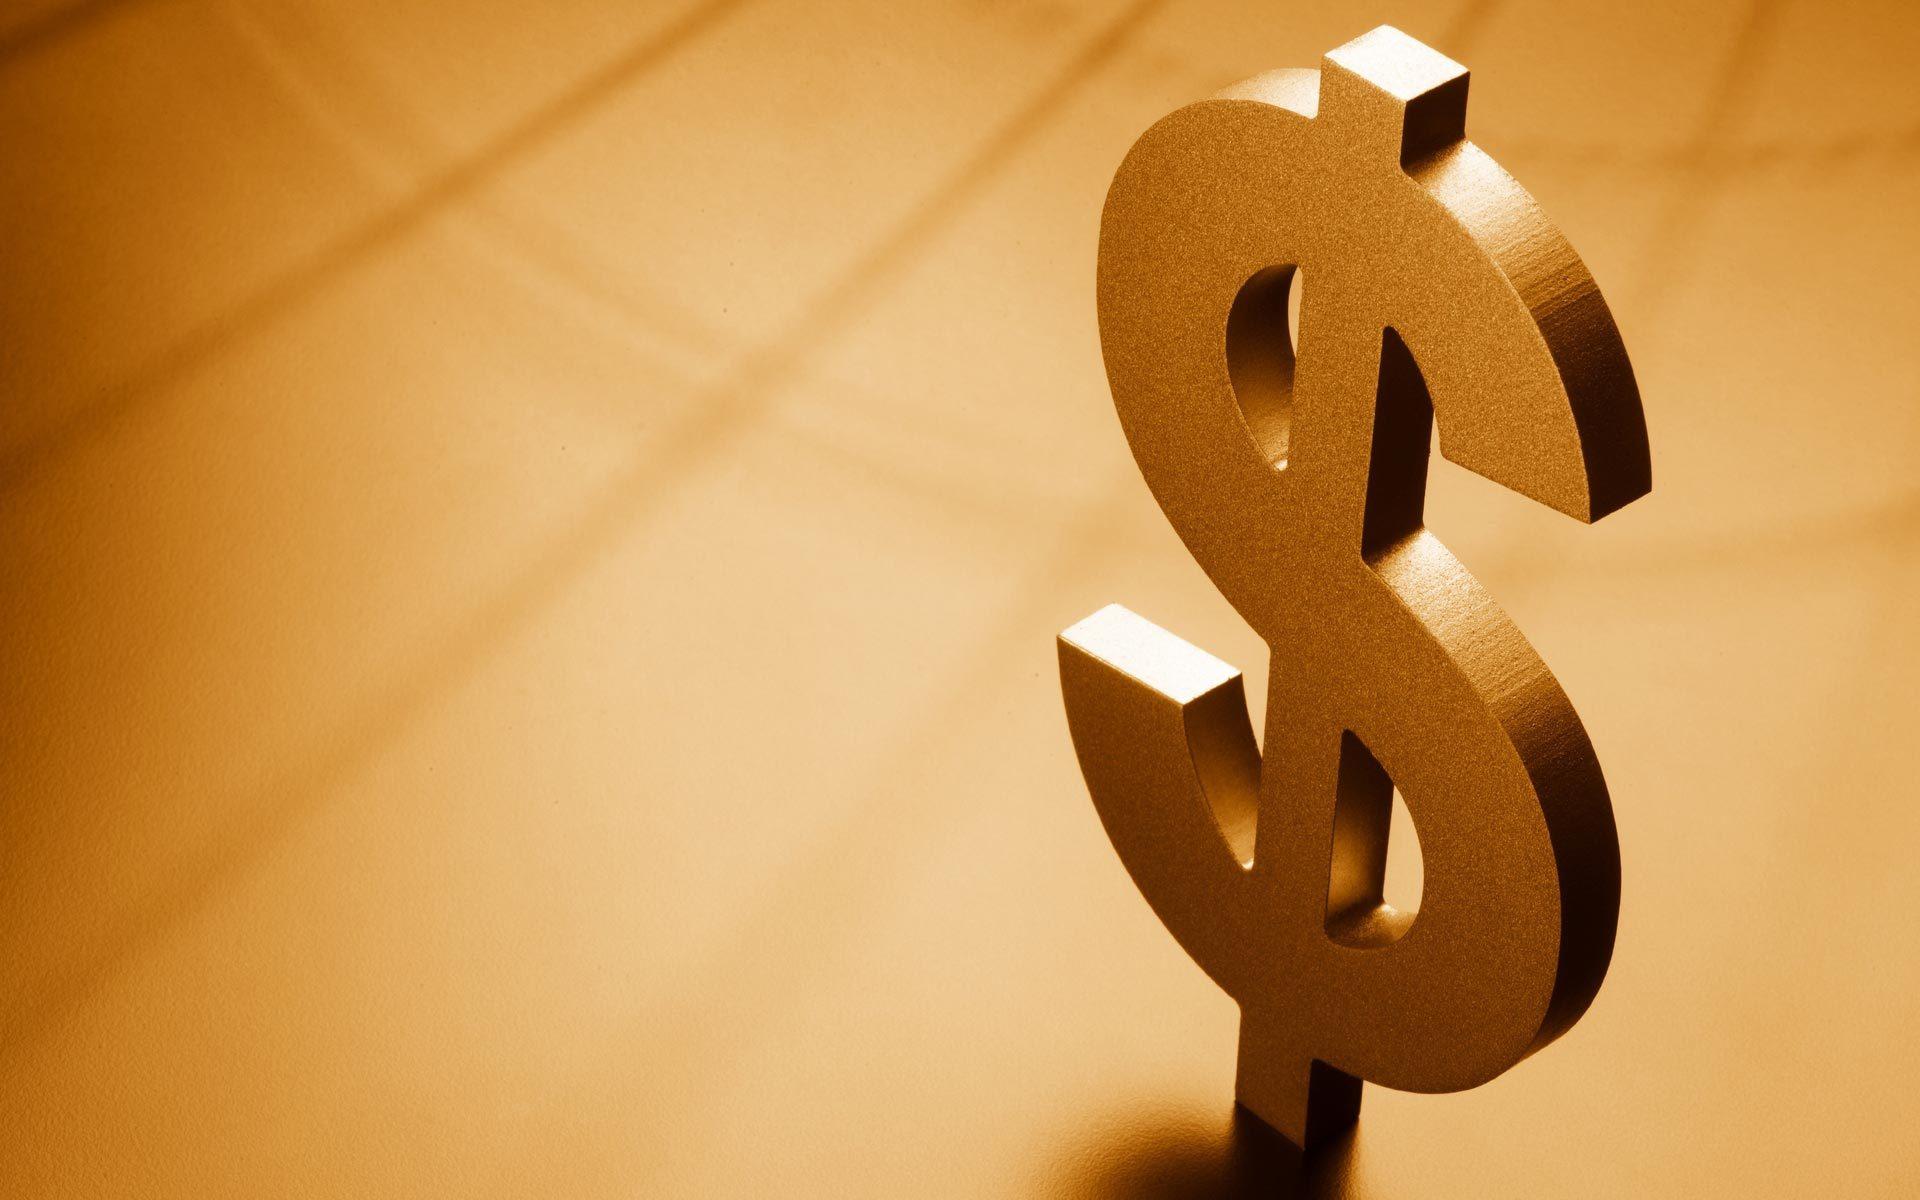 крупные аварии денежный знак картинка нас собраны лучшие